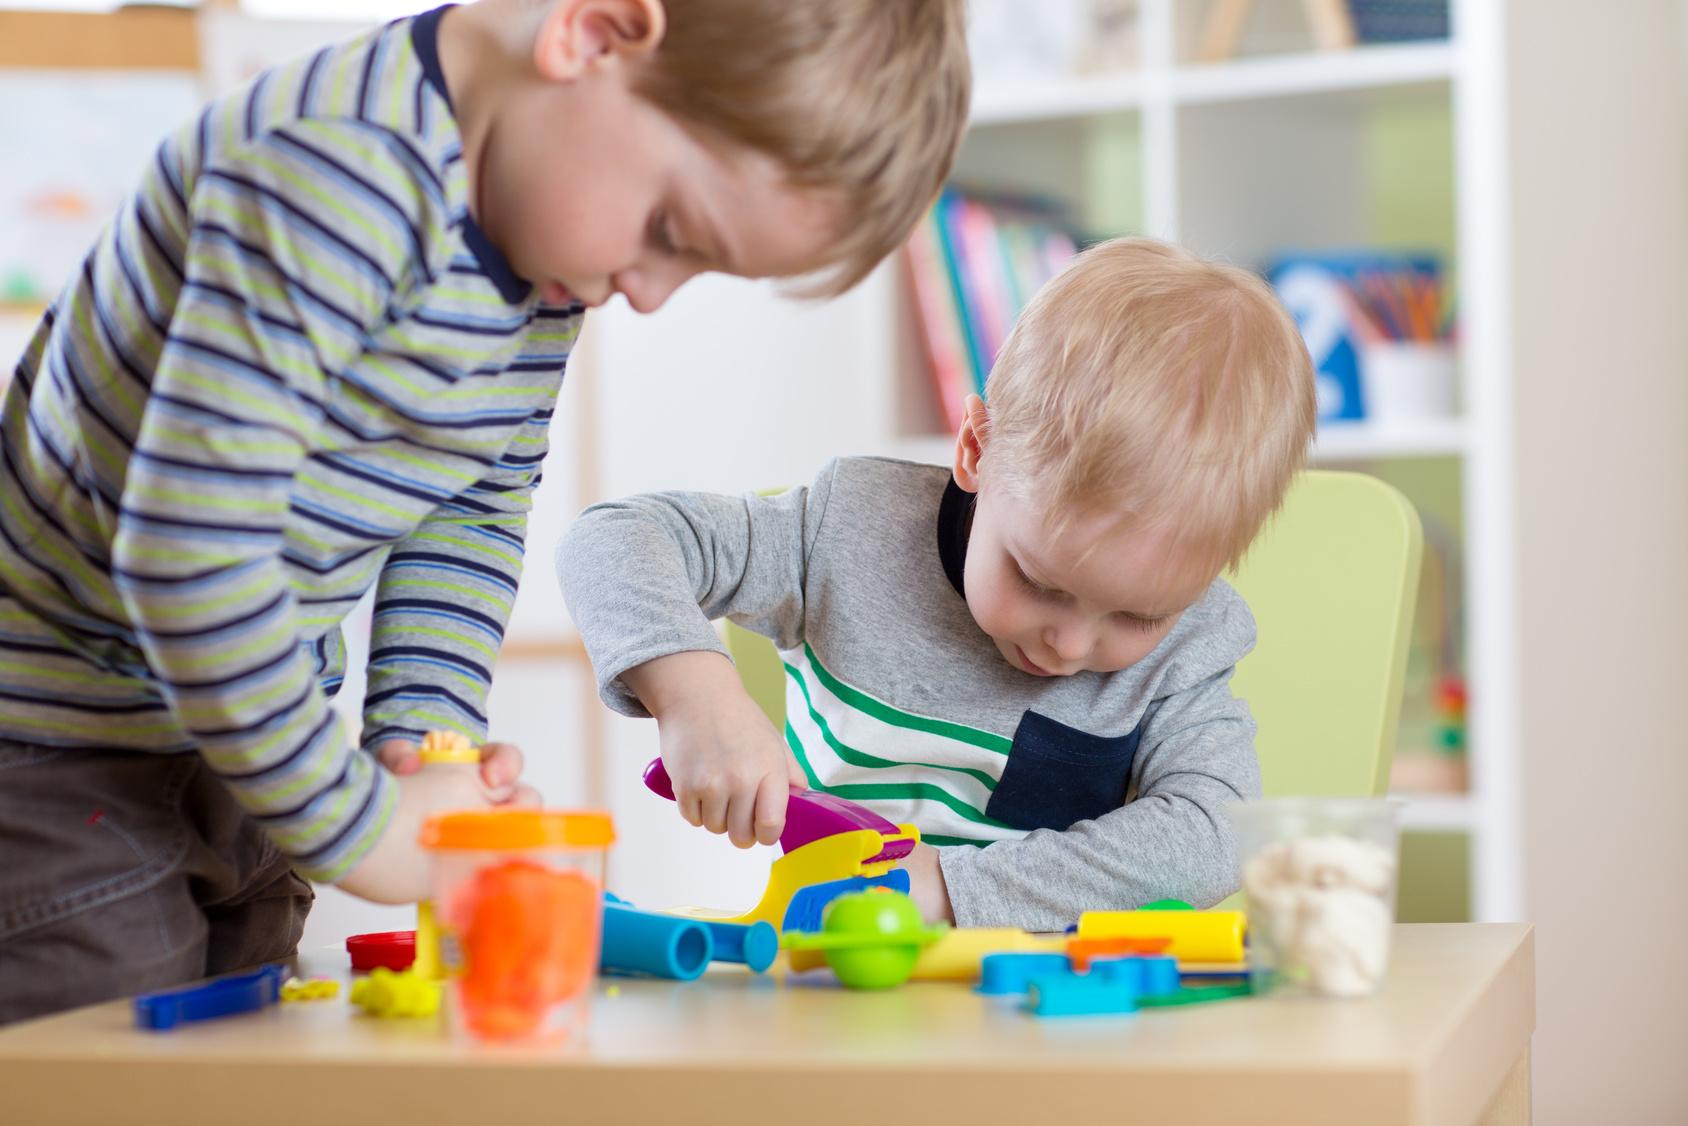 12 Activités Psychomotrices Pour Les 0-3 Ans - Nanny Secours concernant Jeux Enfant 3 Ans Gratuit